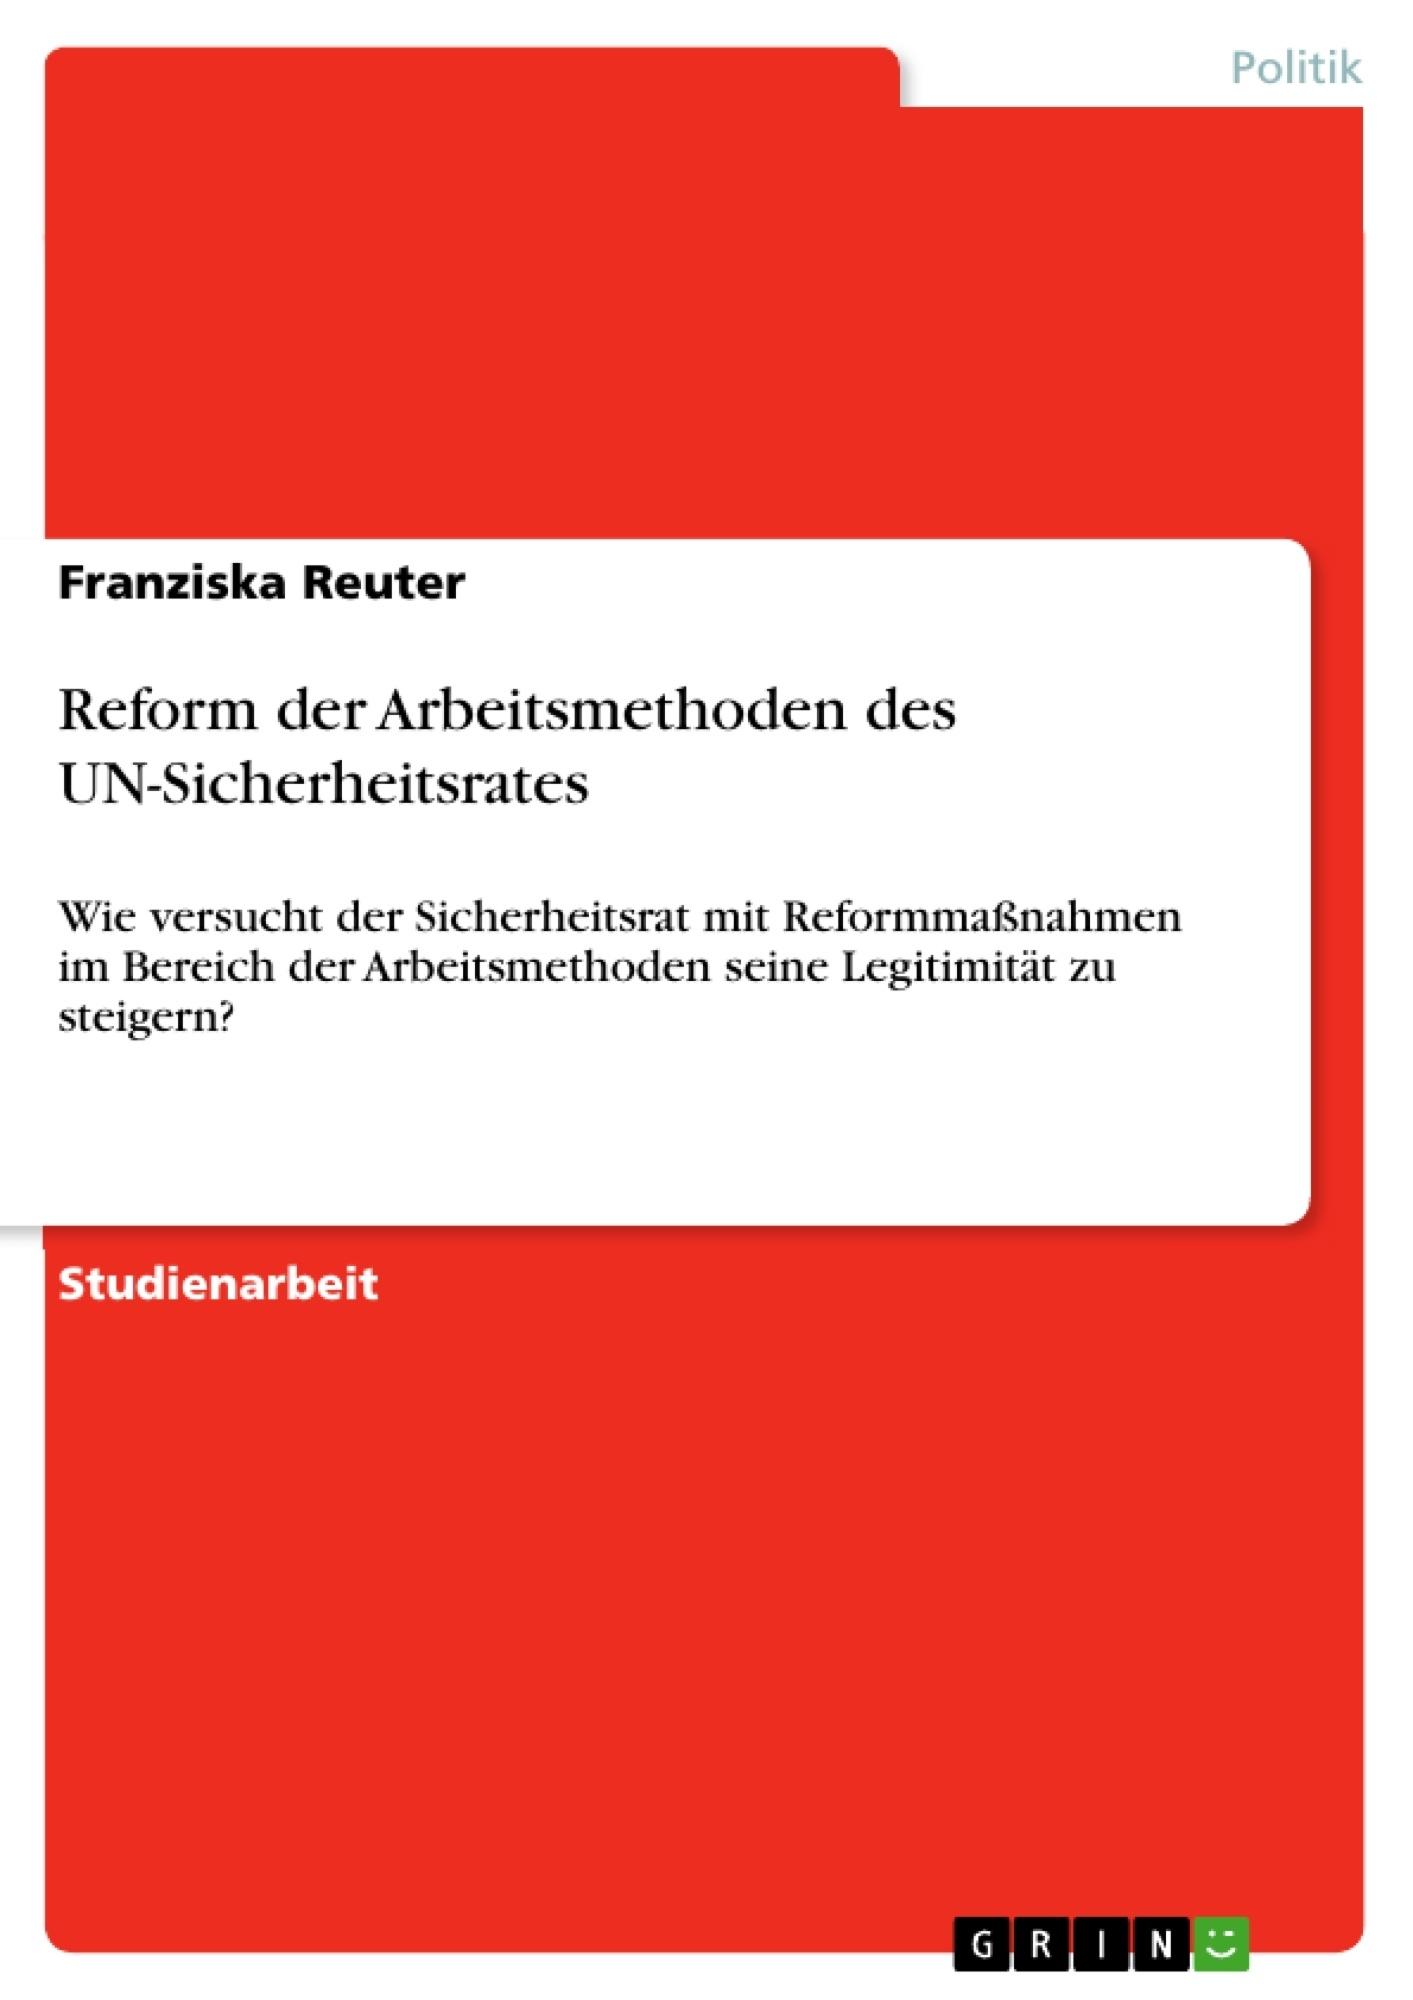 Titel: Reform der Arbeitsmethoden des UN-Sicherheitsrates